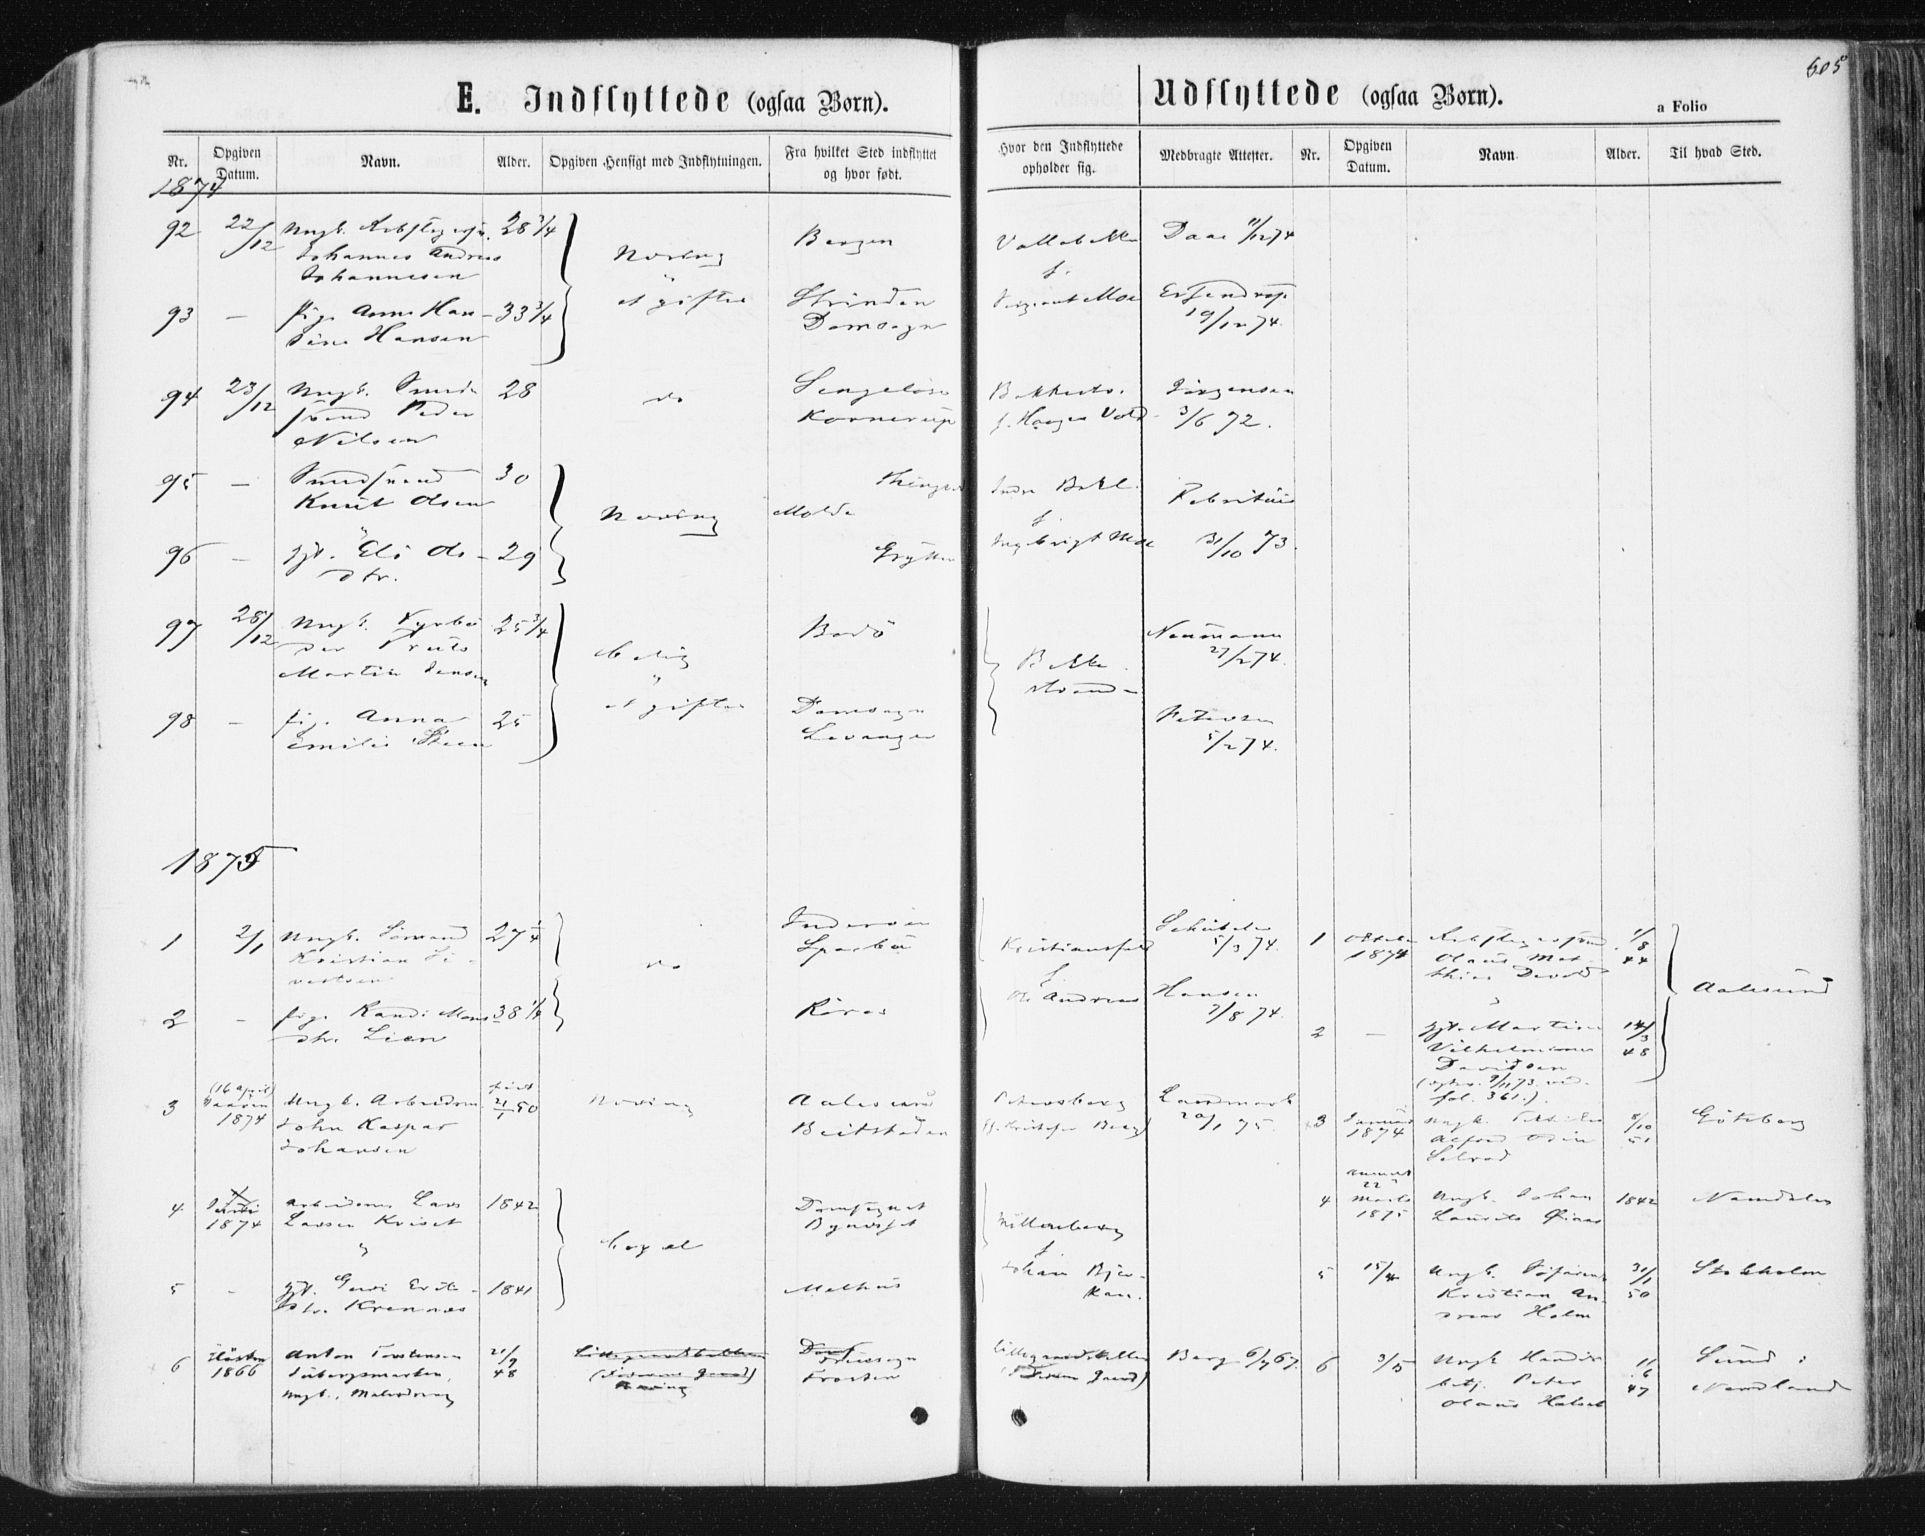 SAT, Ministerialprotokoller, klokkerbøker og fødselsregistre - Sør-Trøndelag, 604/L0186: Ministerialbok nr. 604A07, 1866-1877, s. 605